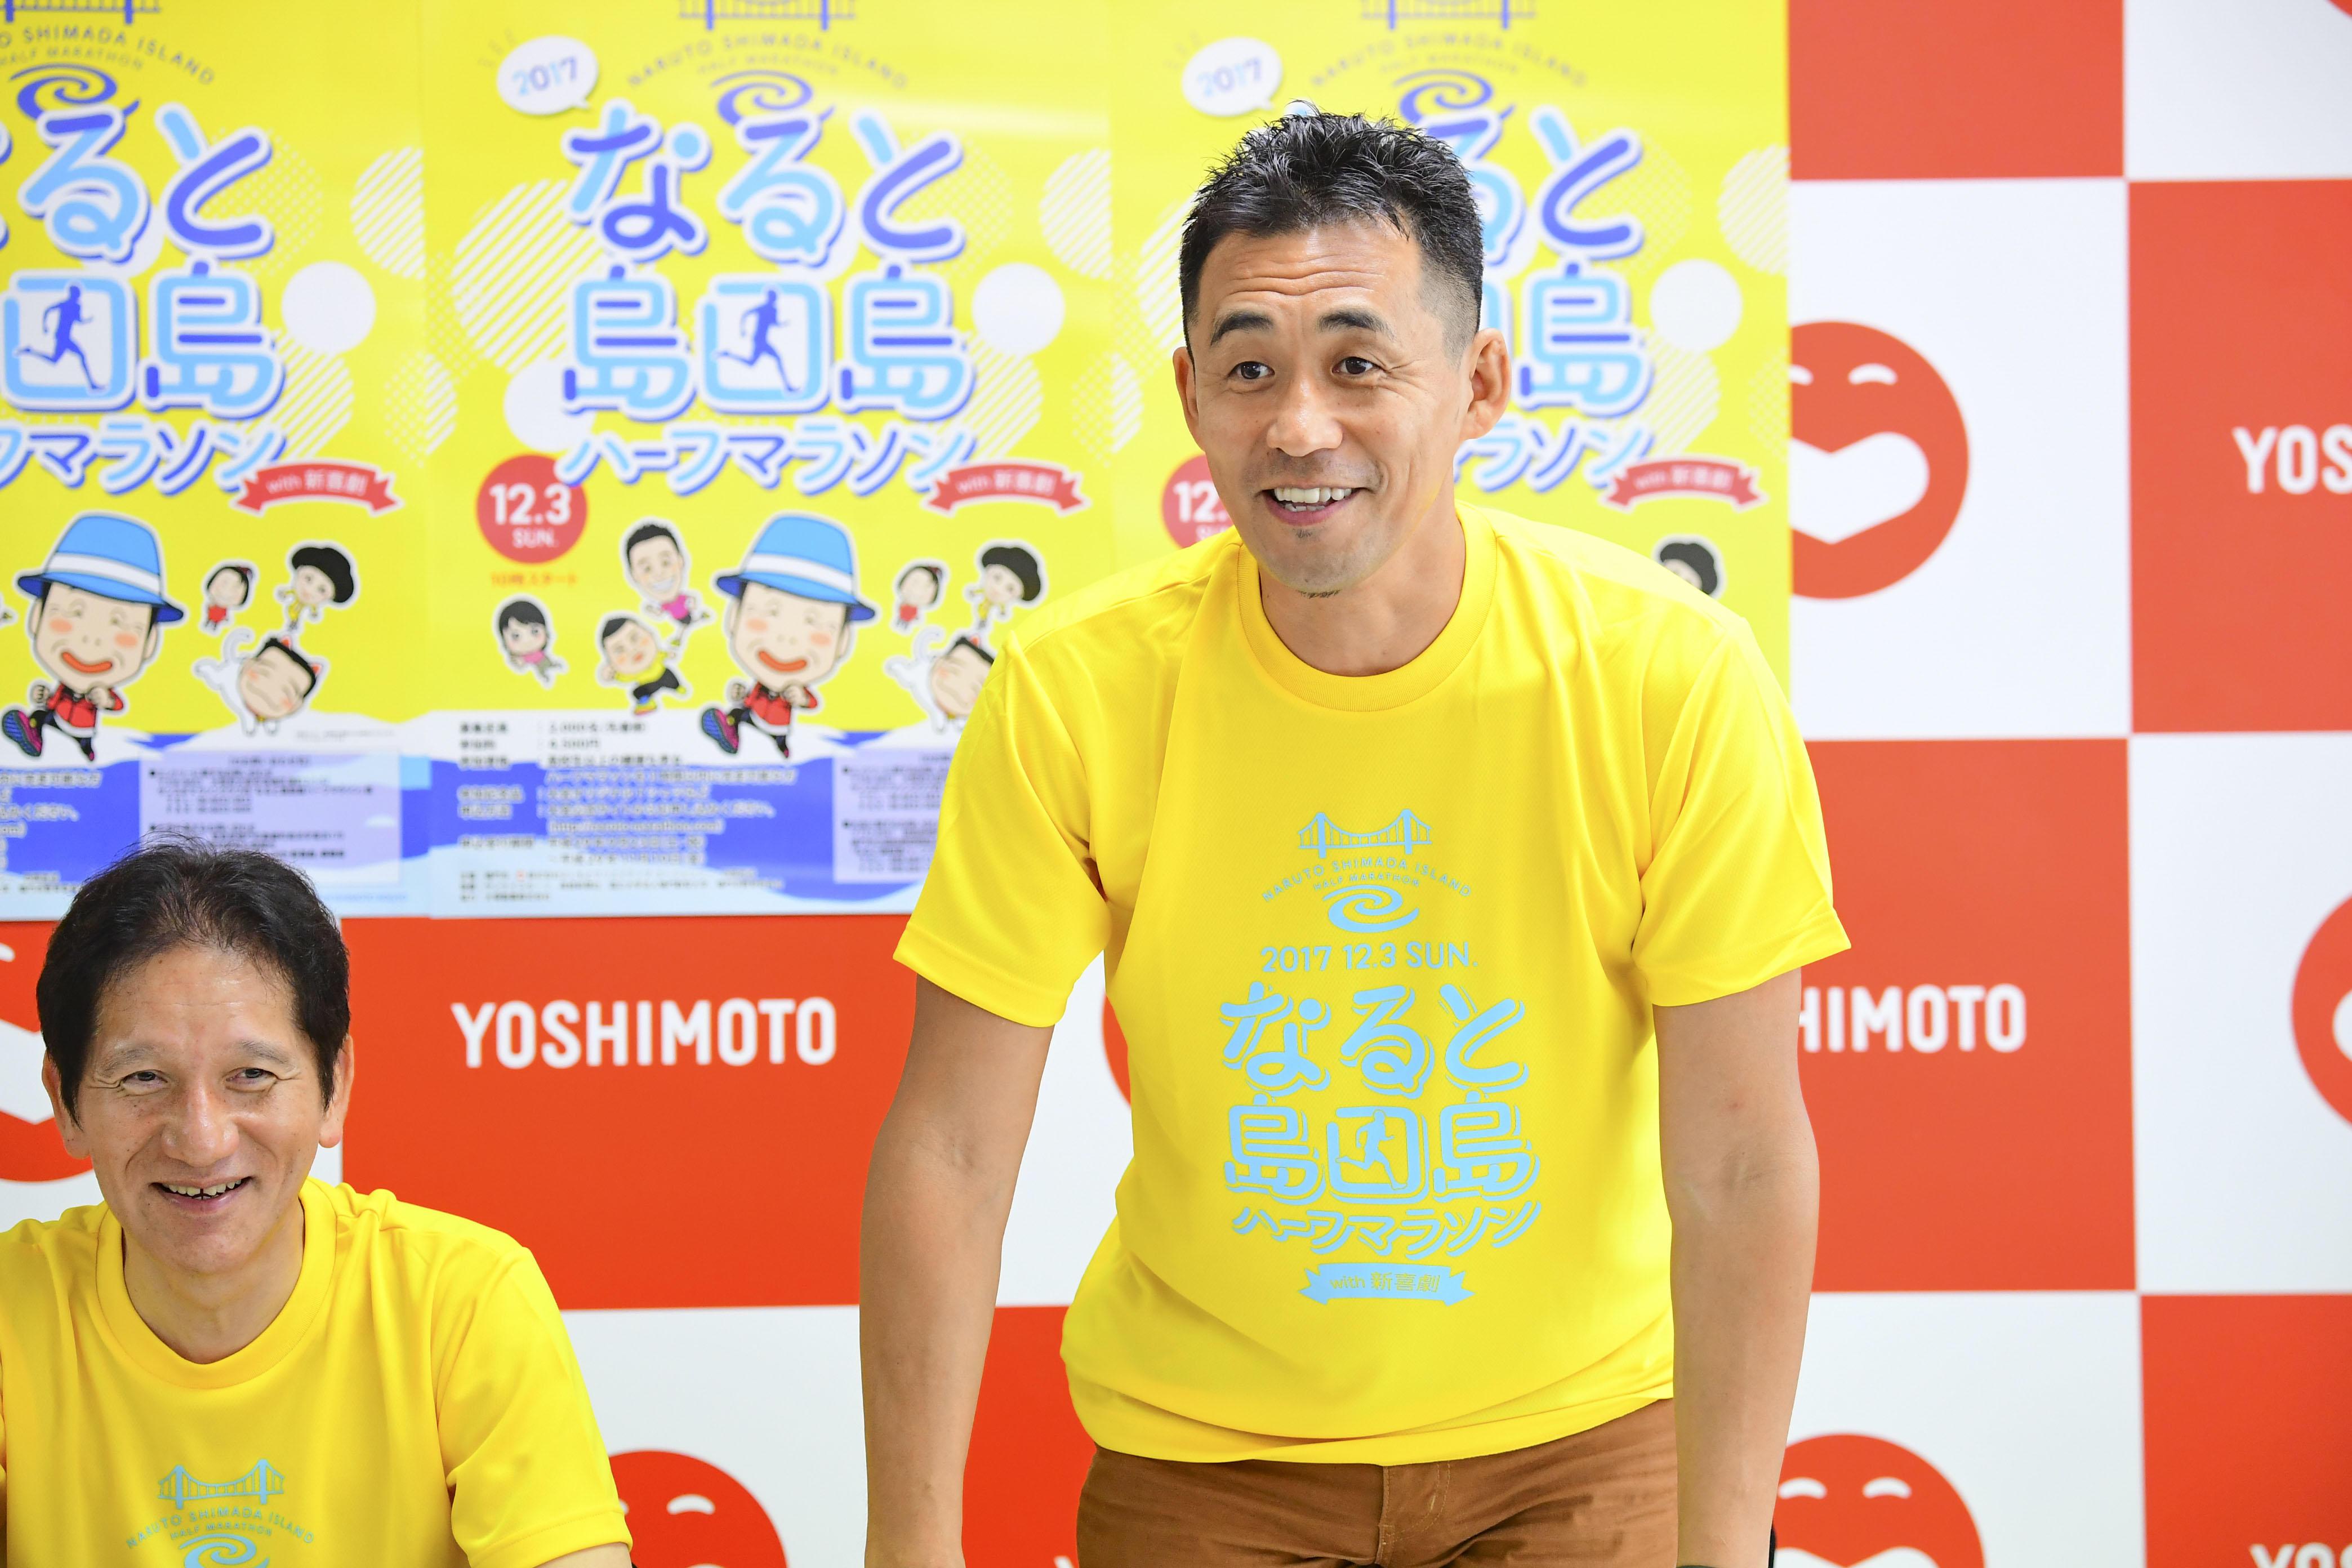 http://news.yoshimoto.co.jp/20170911181949-6b1cbafcc70536c5ff007c2f411f979c83a72022.jpg